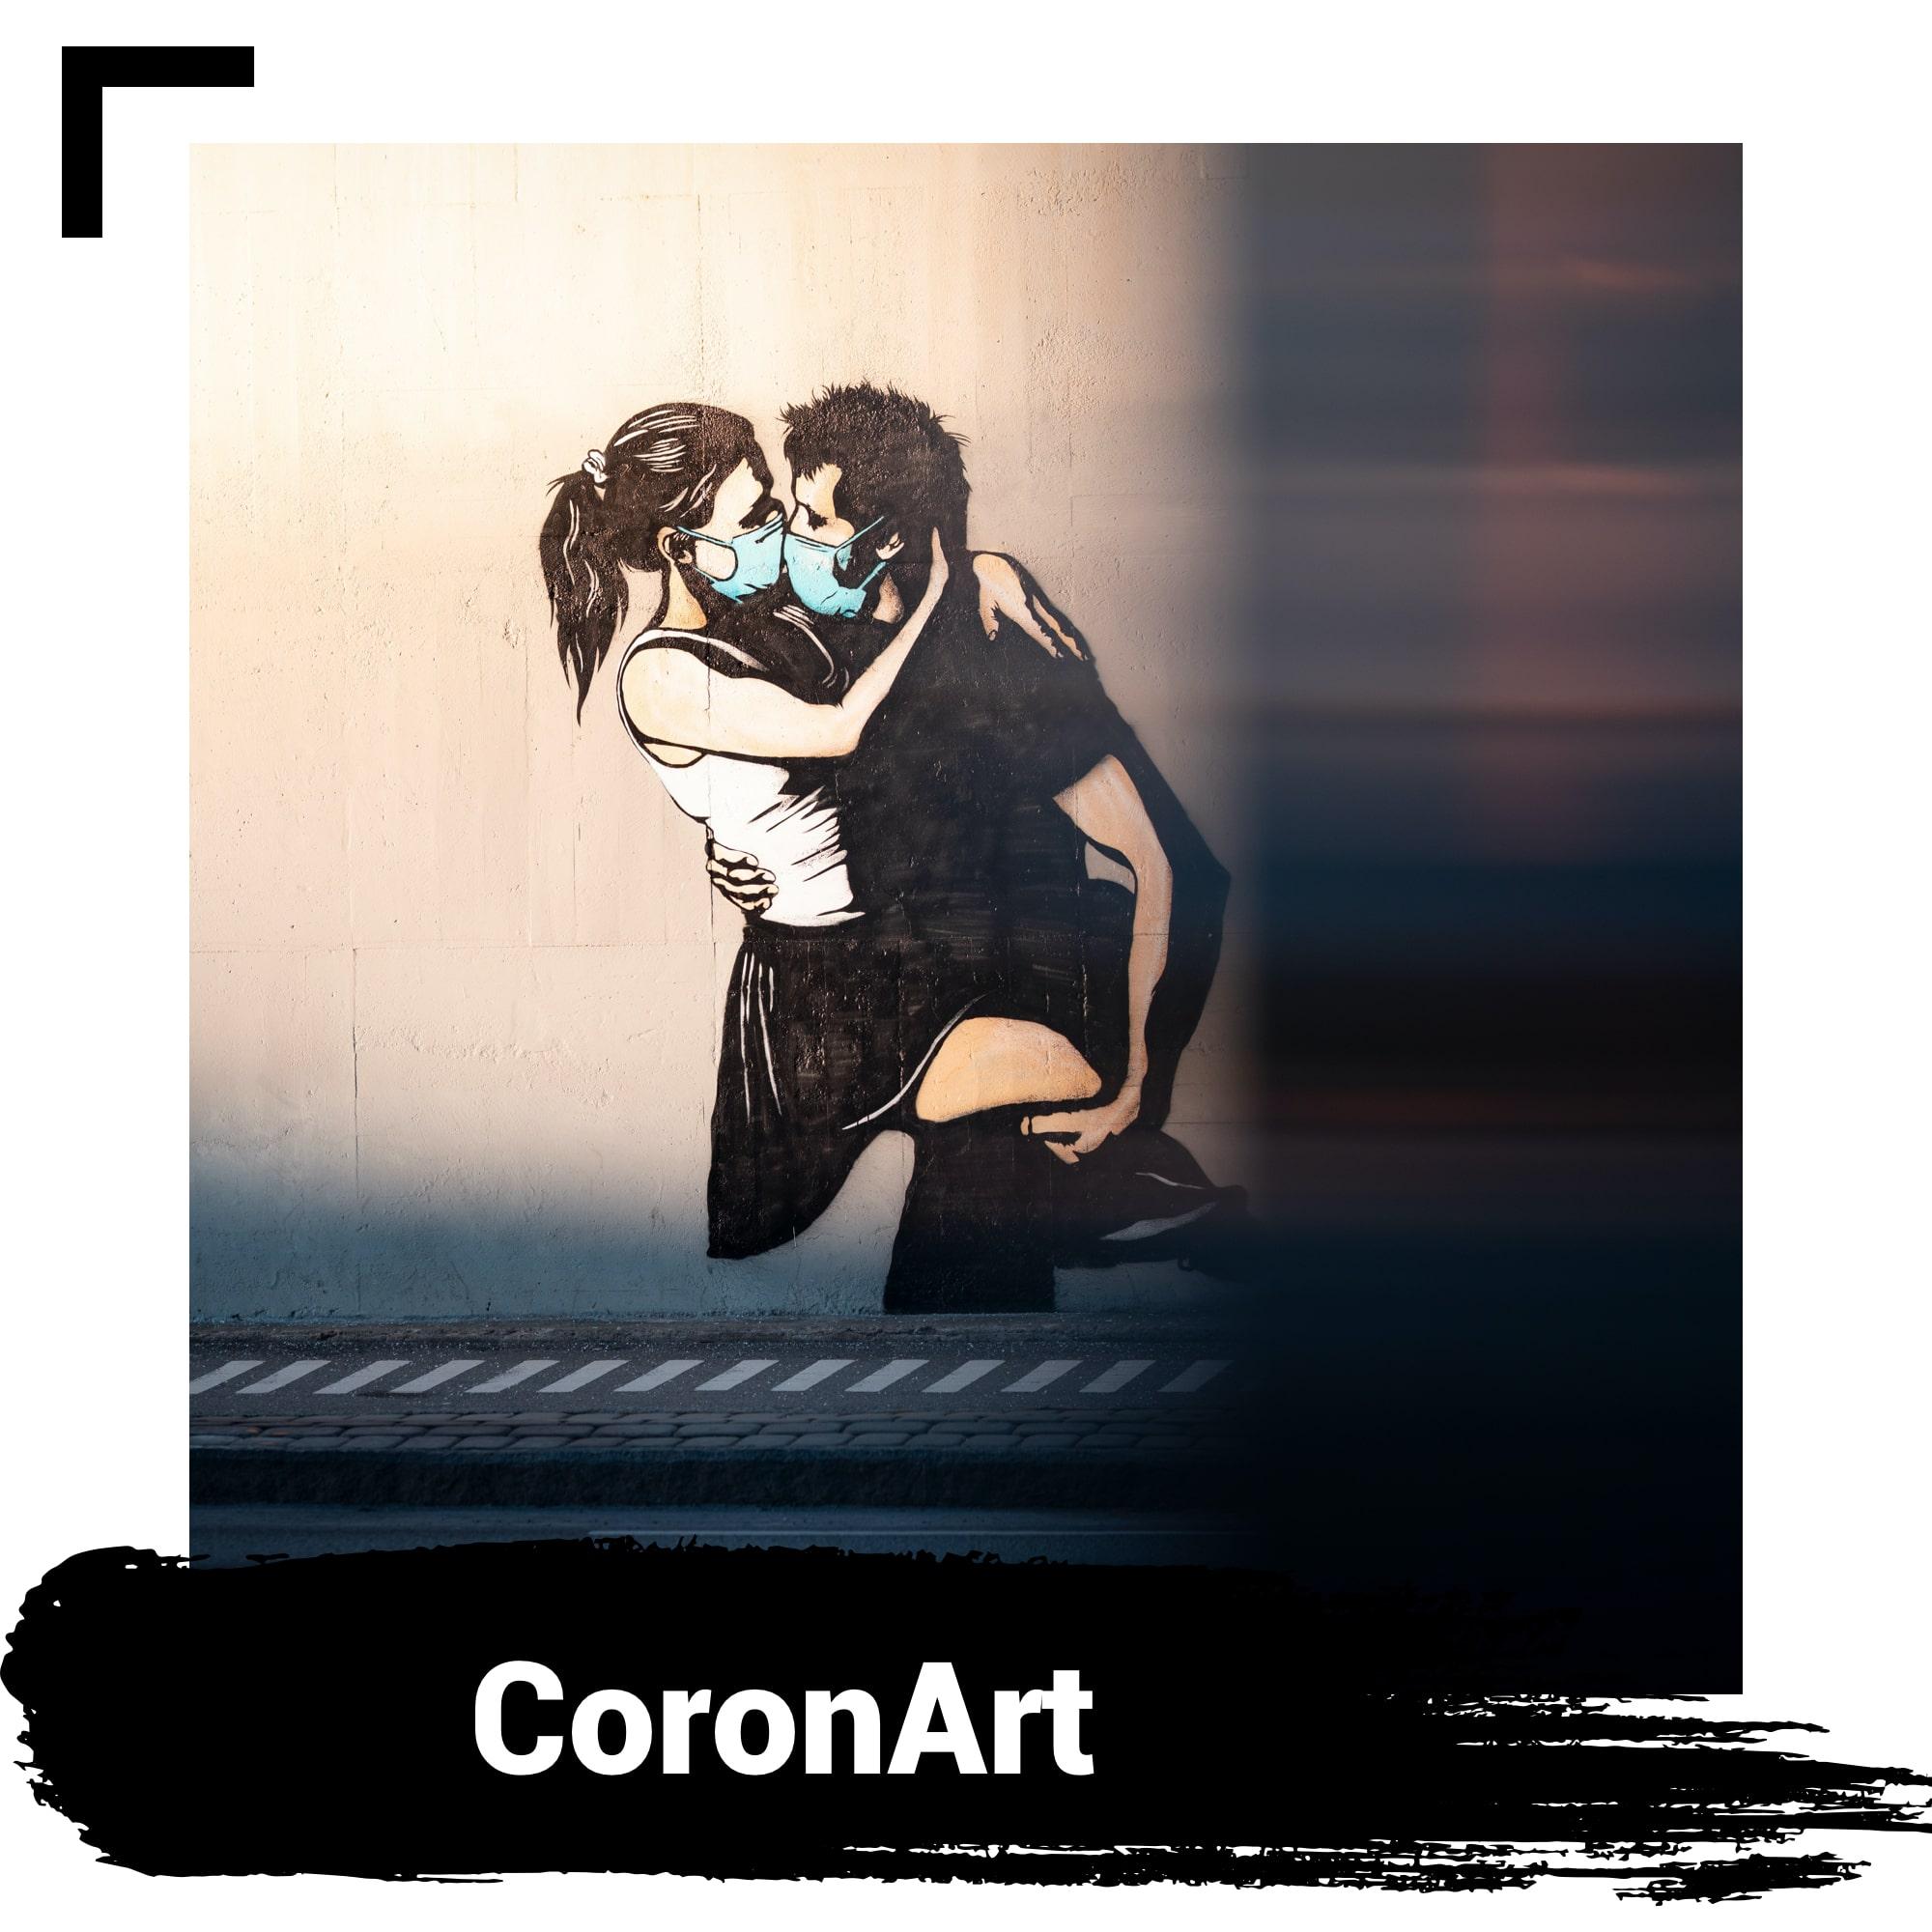 CoronArt